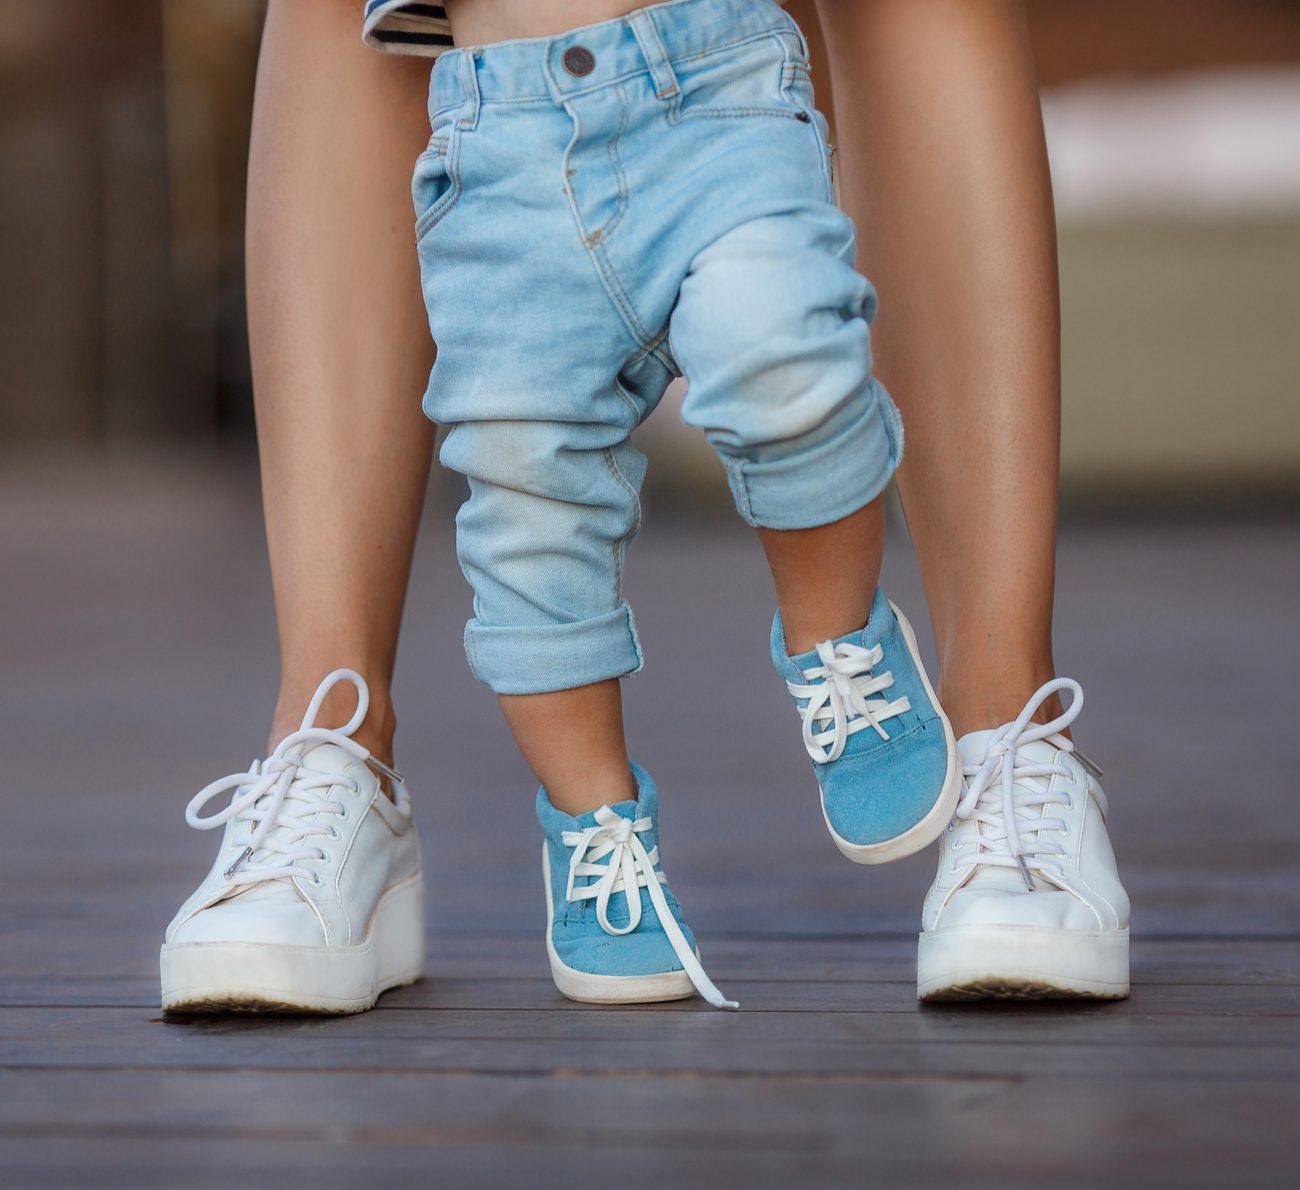 bebê anda na ponta dos pés